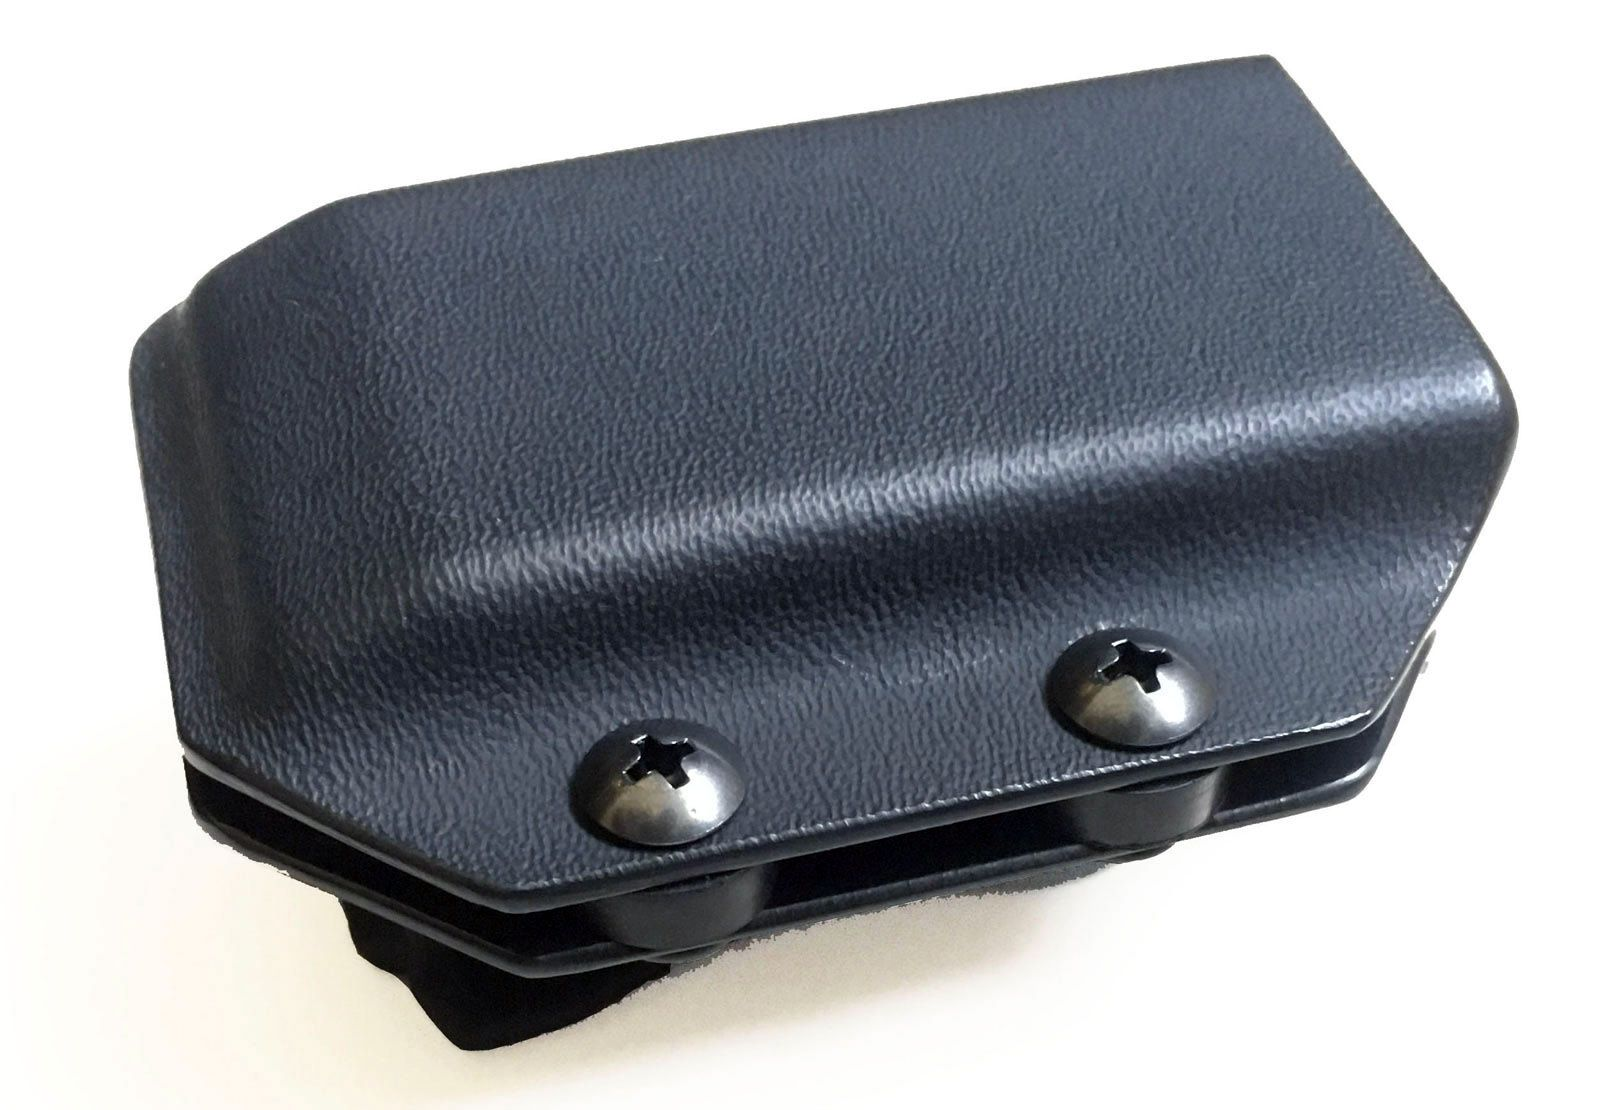 Coldre G26 G27 G28 G33  Kydex + 2 Porta-Carregadores Saque Rápido Velado Kydex® 080